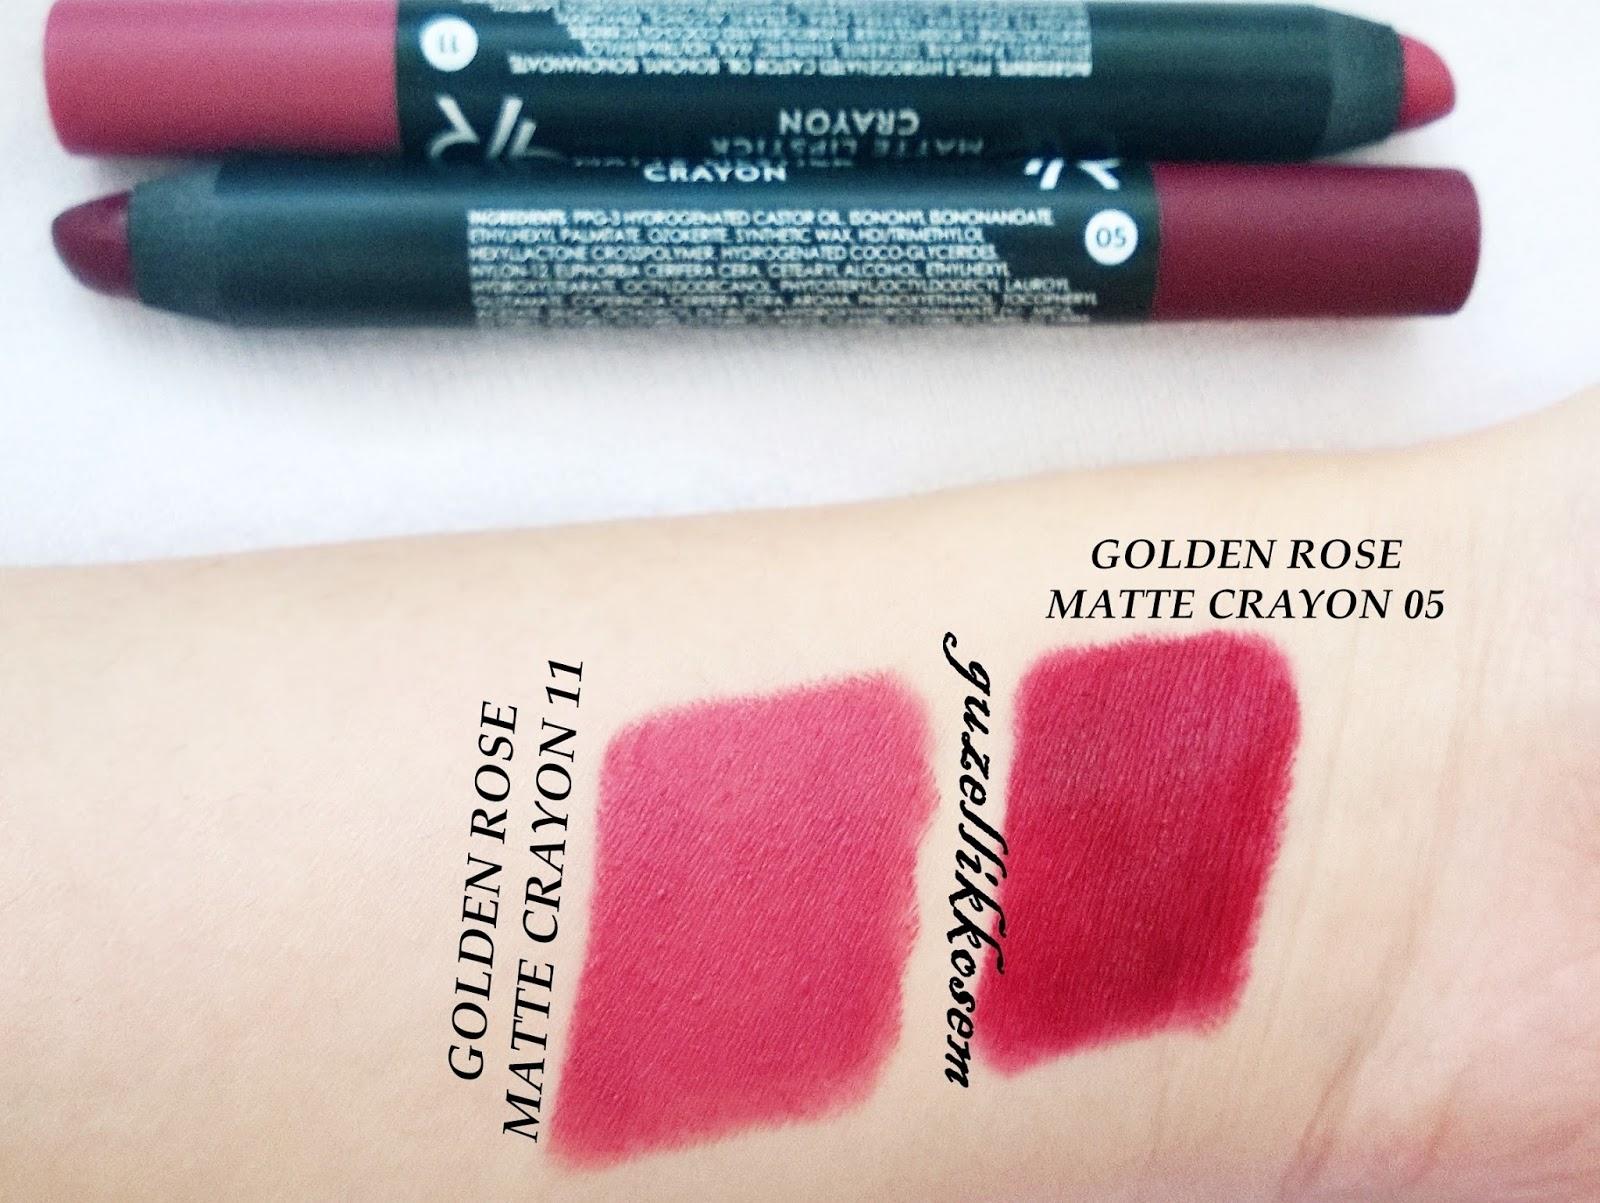 Golden Rose Matte Lipstick Crayon 05 11 Yorumlarım Güzellik Kösem